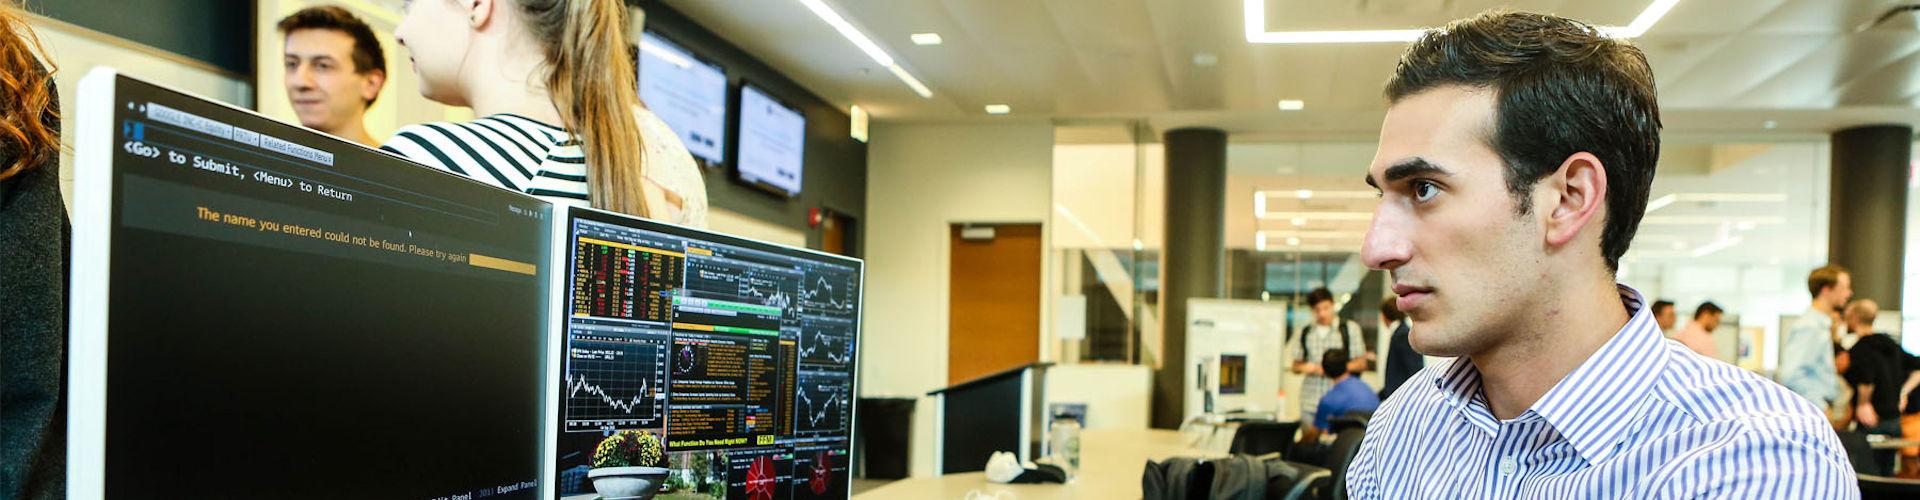 Technicien en Technologies de l'Information